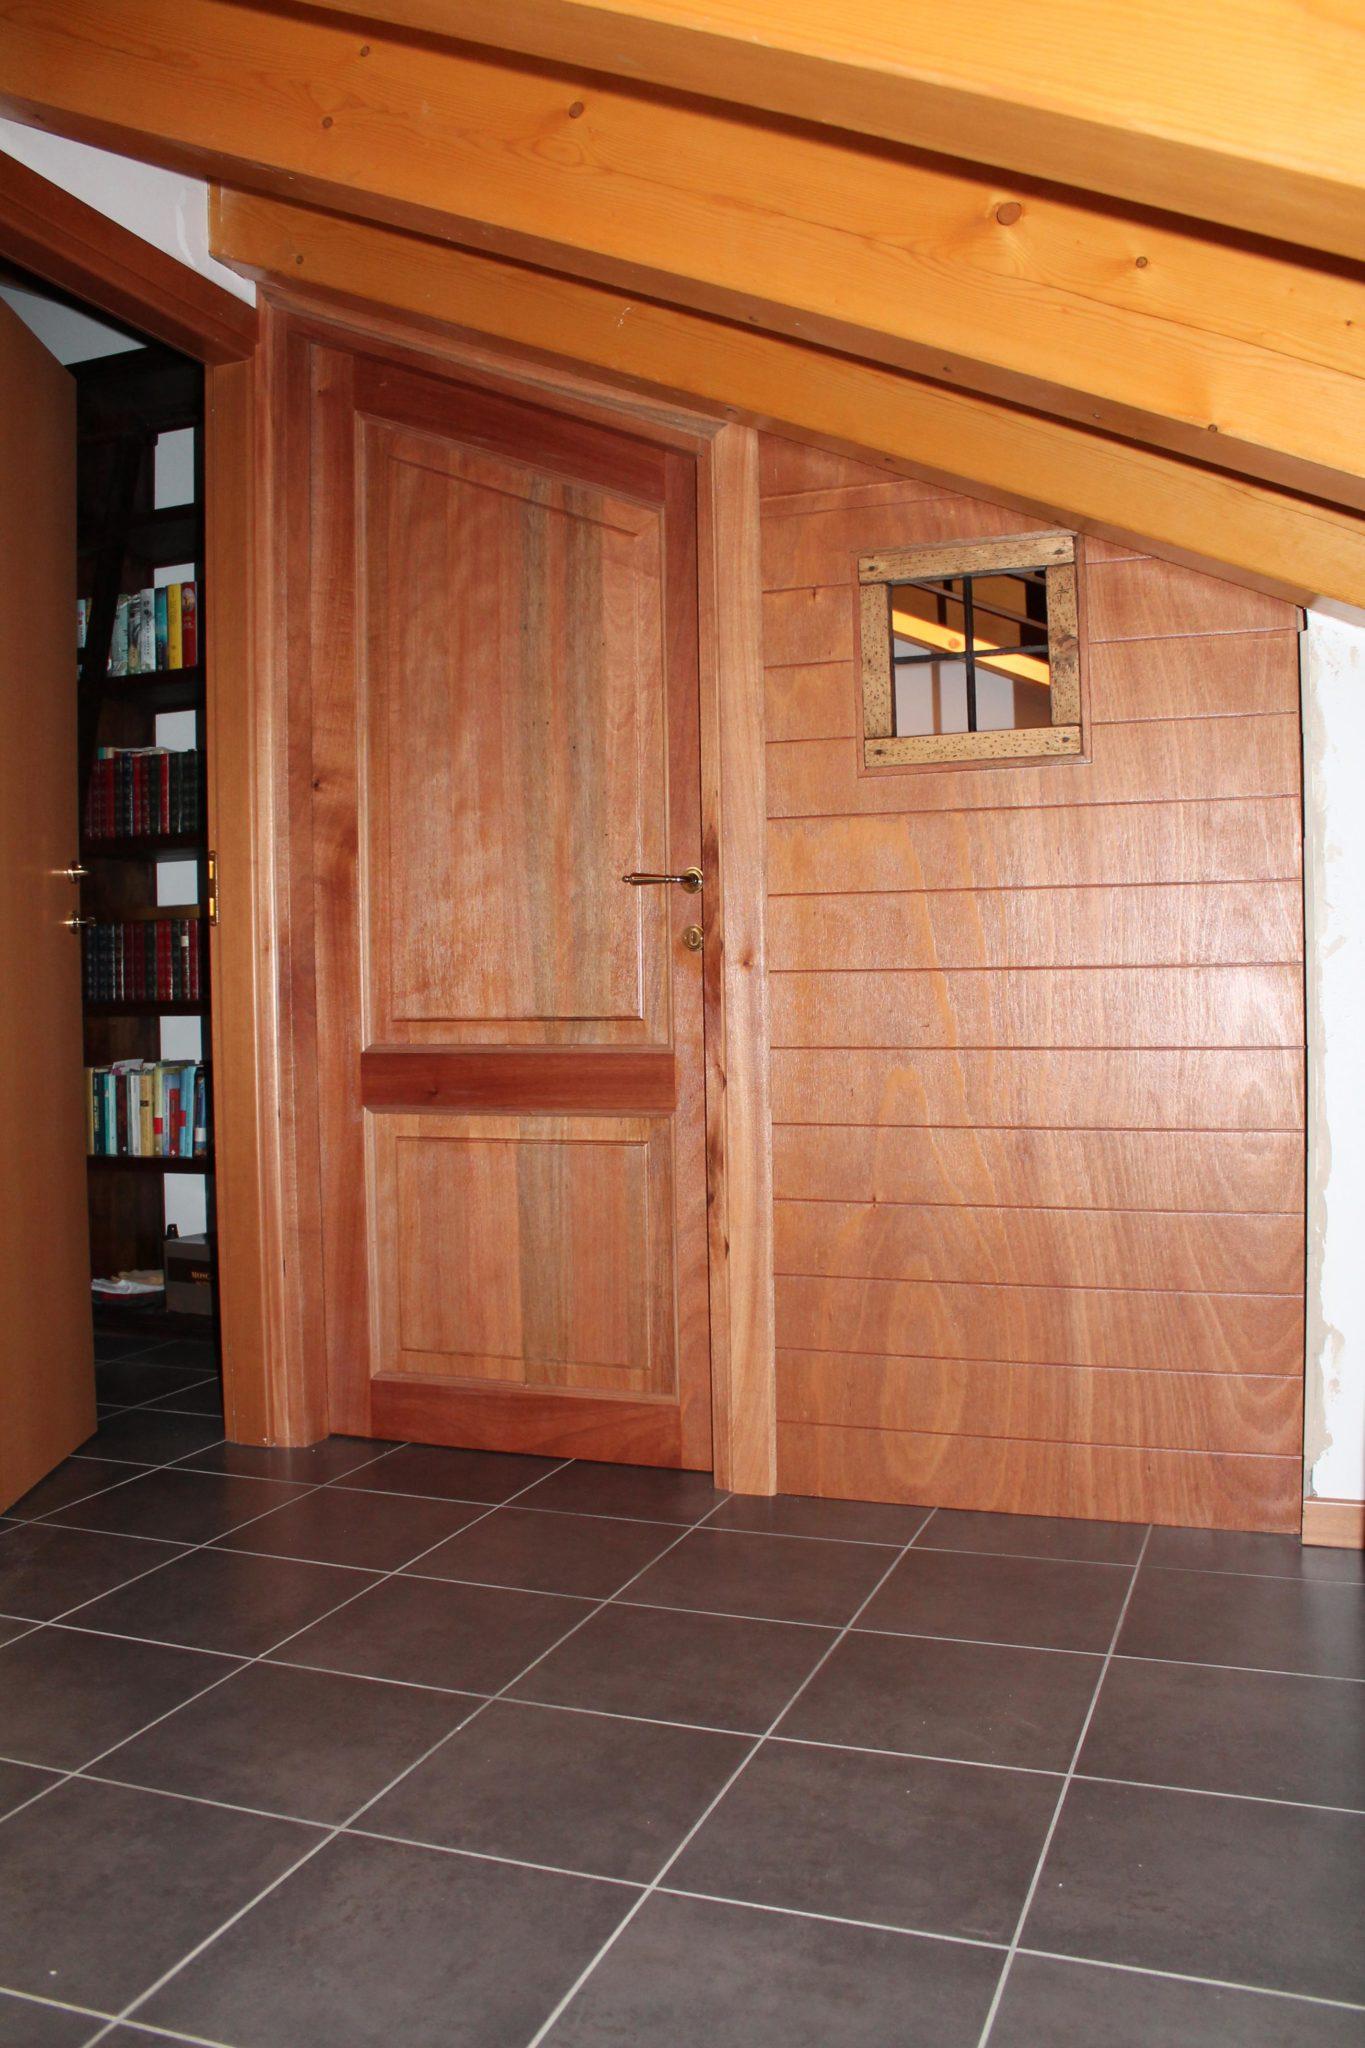 Marino Con Porta Creo Casa Milano Cucine Progetti Arredamento #C97302 1365 2048 Programma Per Creare Cucine Su Misura